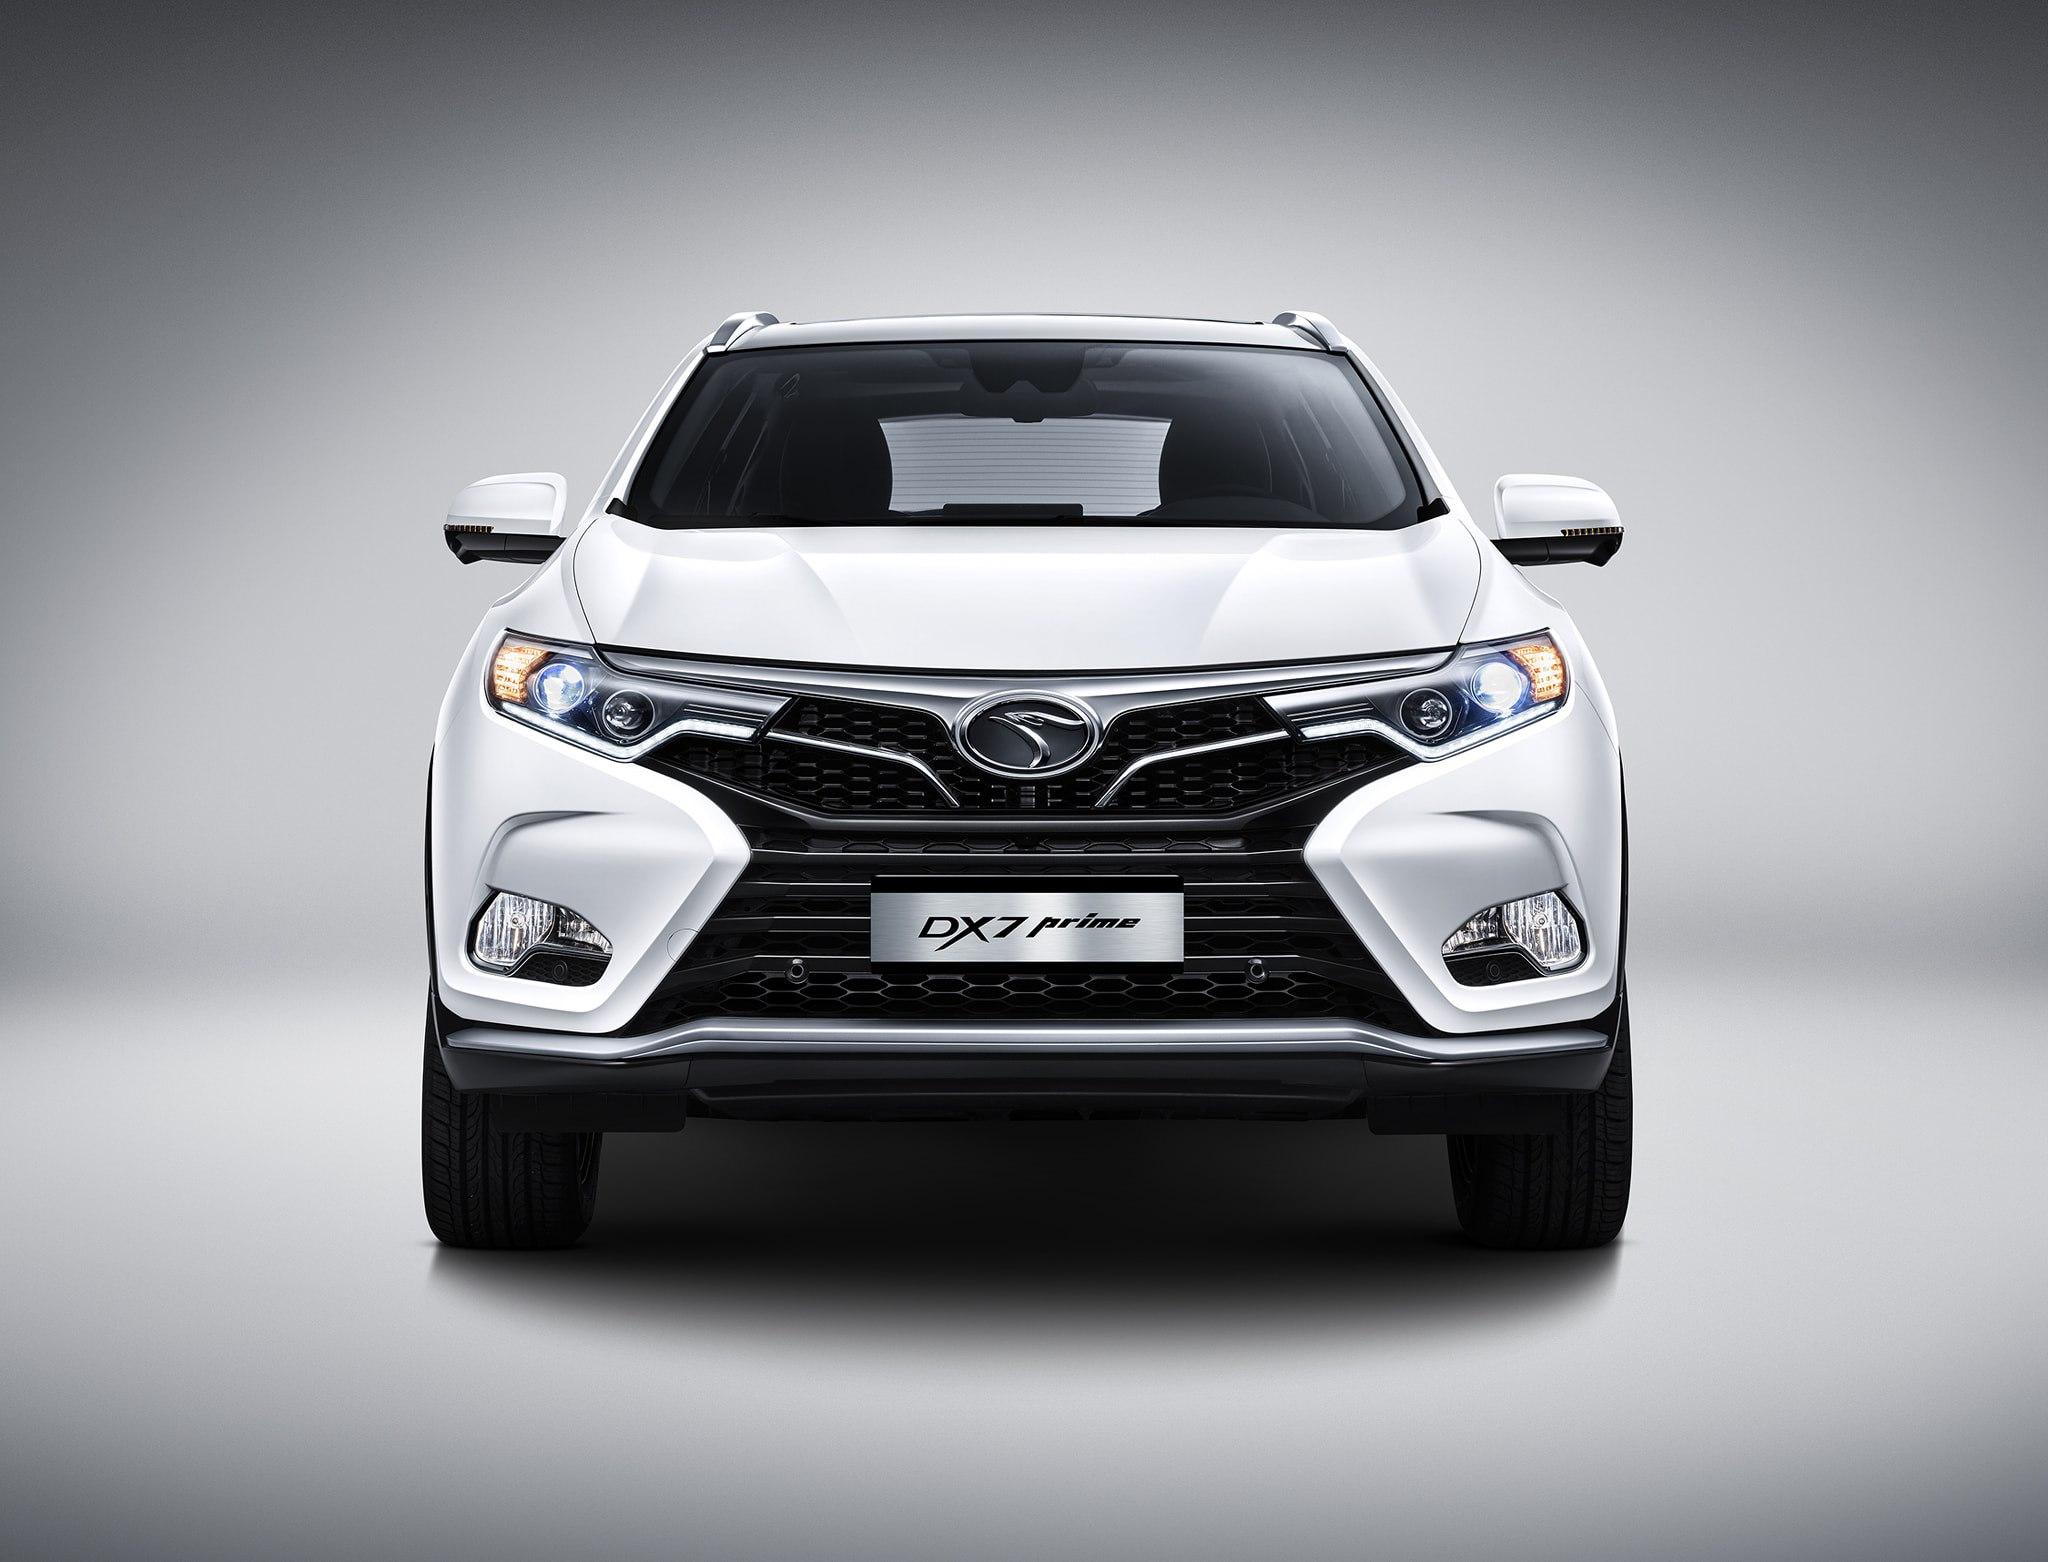 ساوايست DX7 أسعار ومواصفات سيارات «ساوايست DX7» موديل 2021